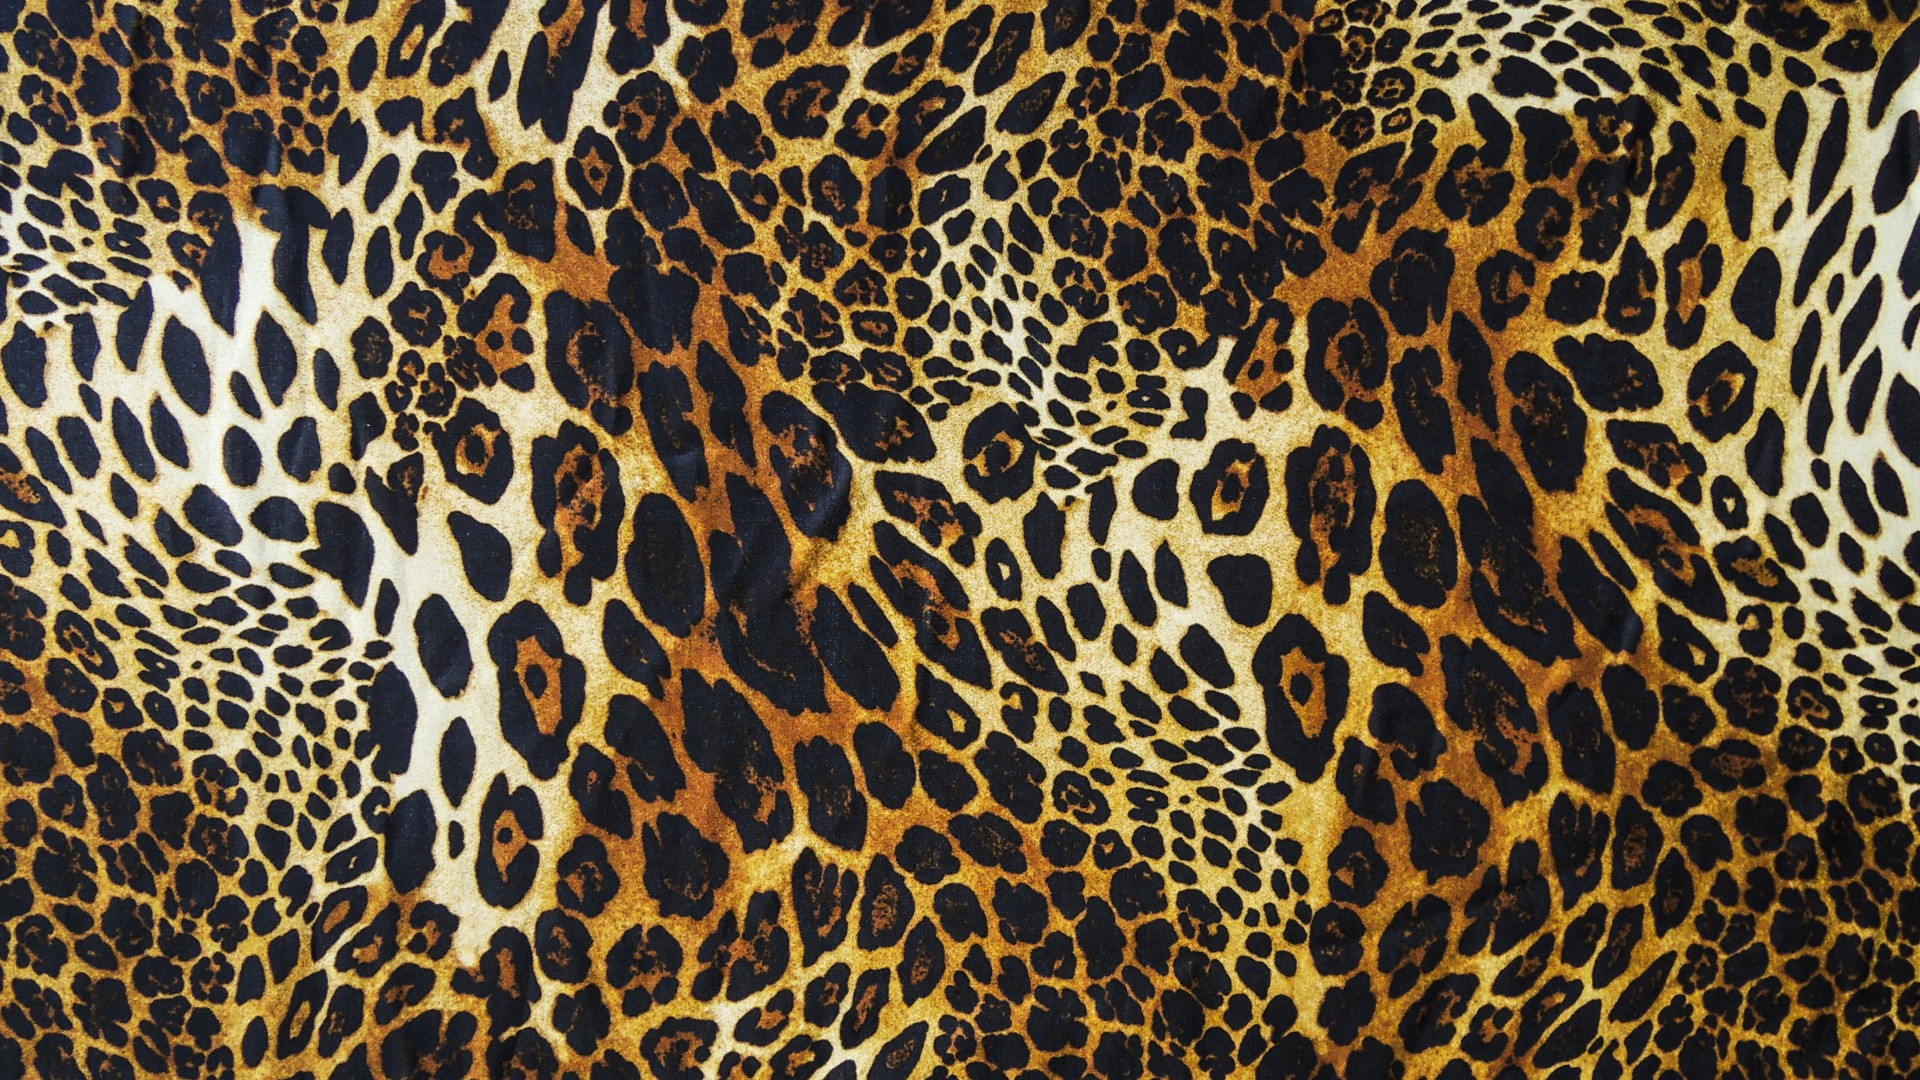 original wallpaper download: Bright leopard - 1920x1080